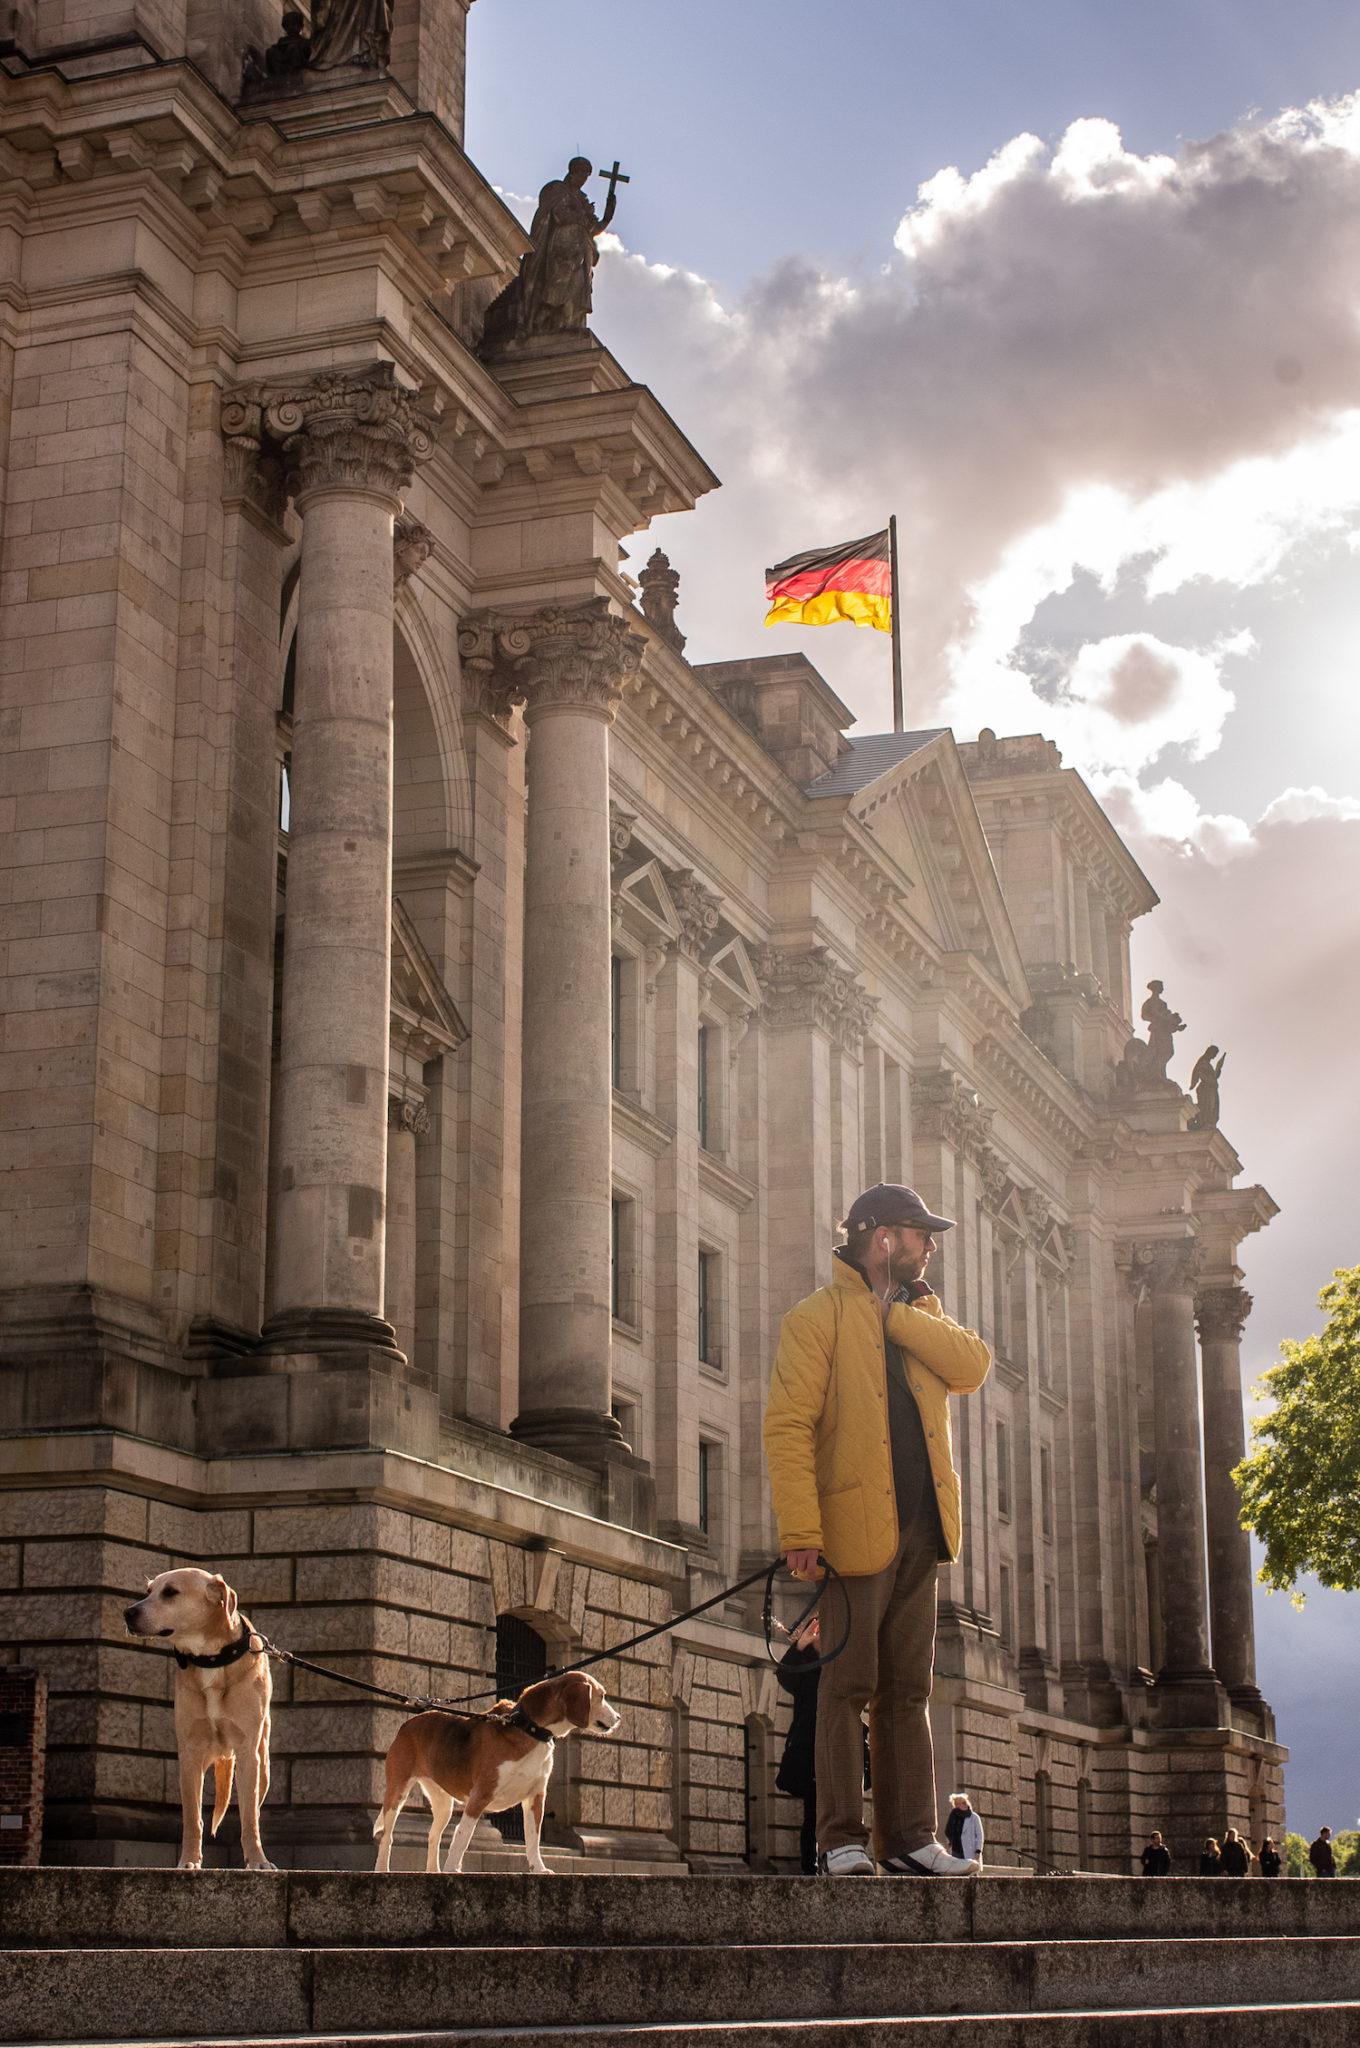 Un promeneur et ses chiens devant le Reichstag à Berlin